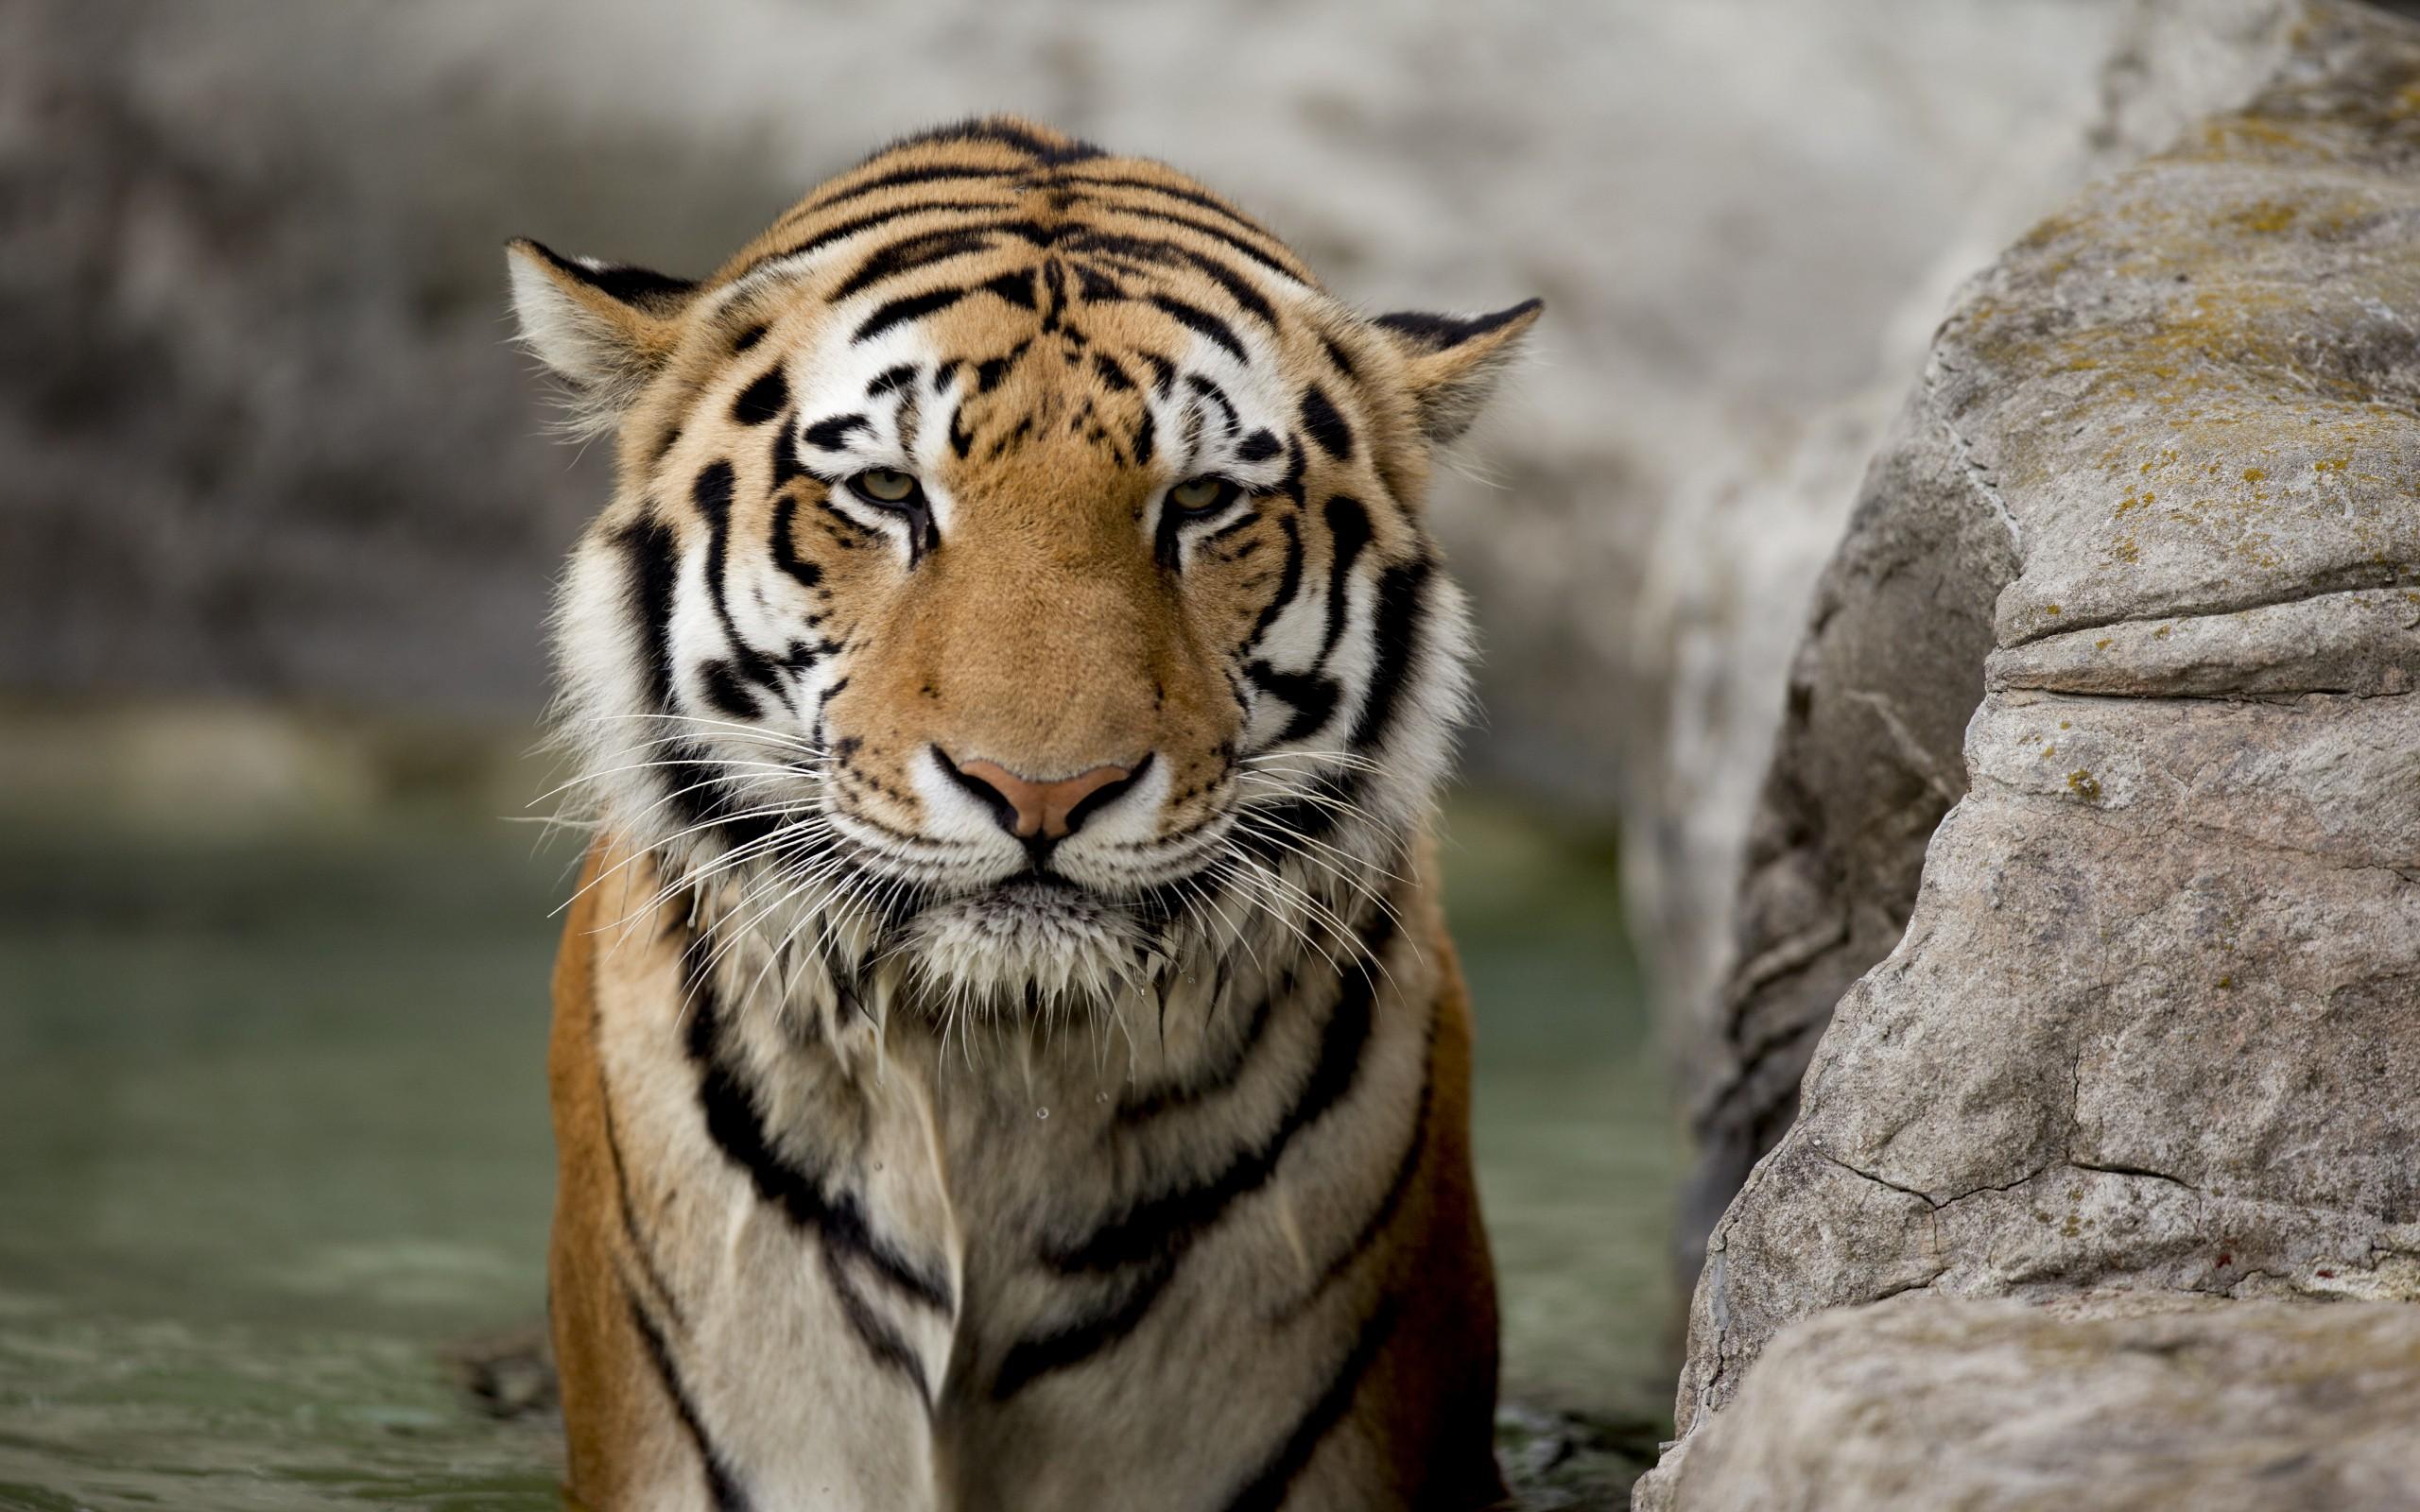 tiger pic hd